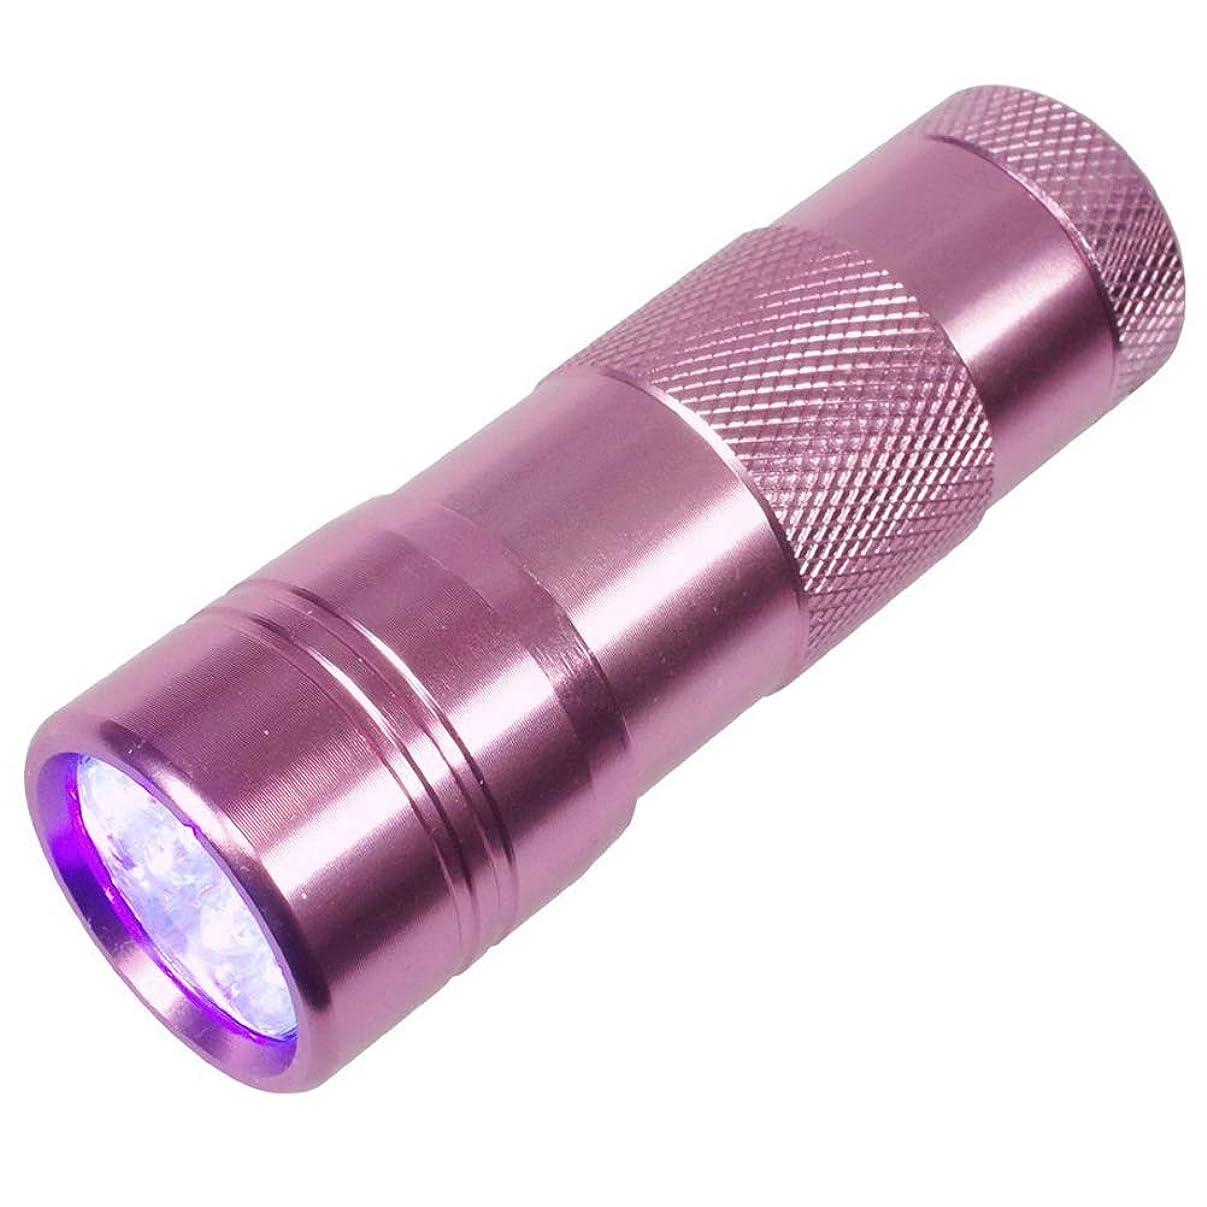 アブセイ無条件くすぐったいジェルネイル用UVライト ペン型LEDライト ミニサイズ 携帯用ハンディライト